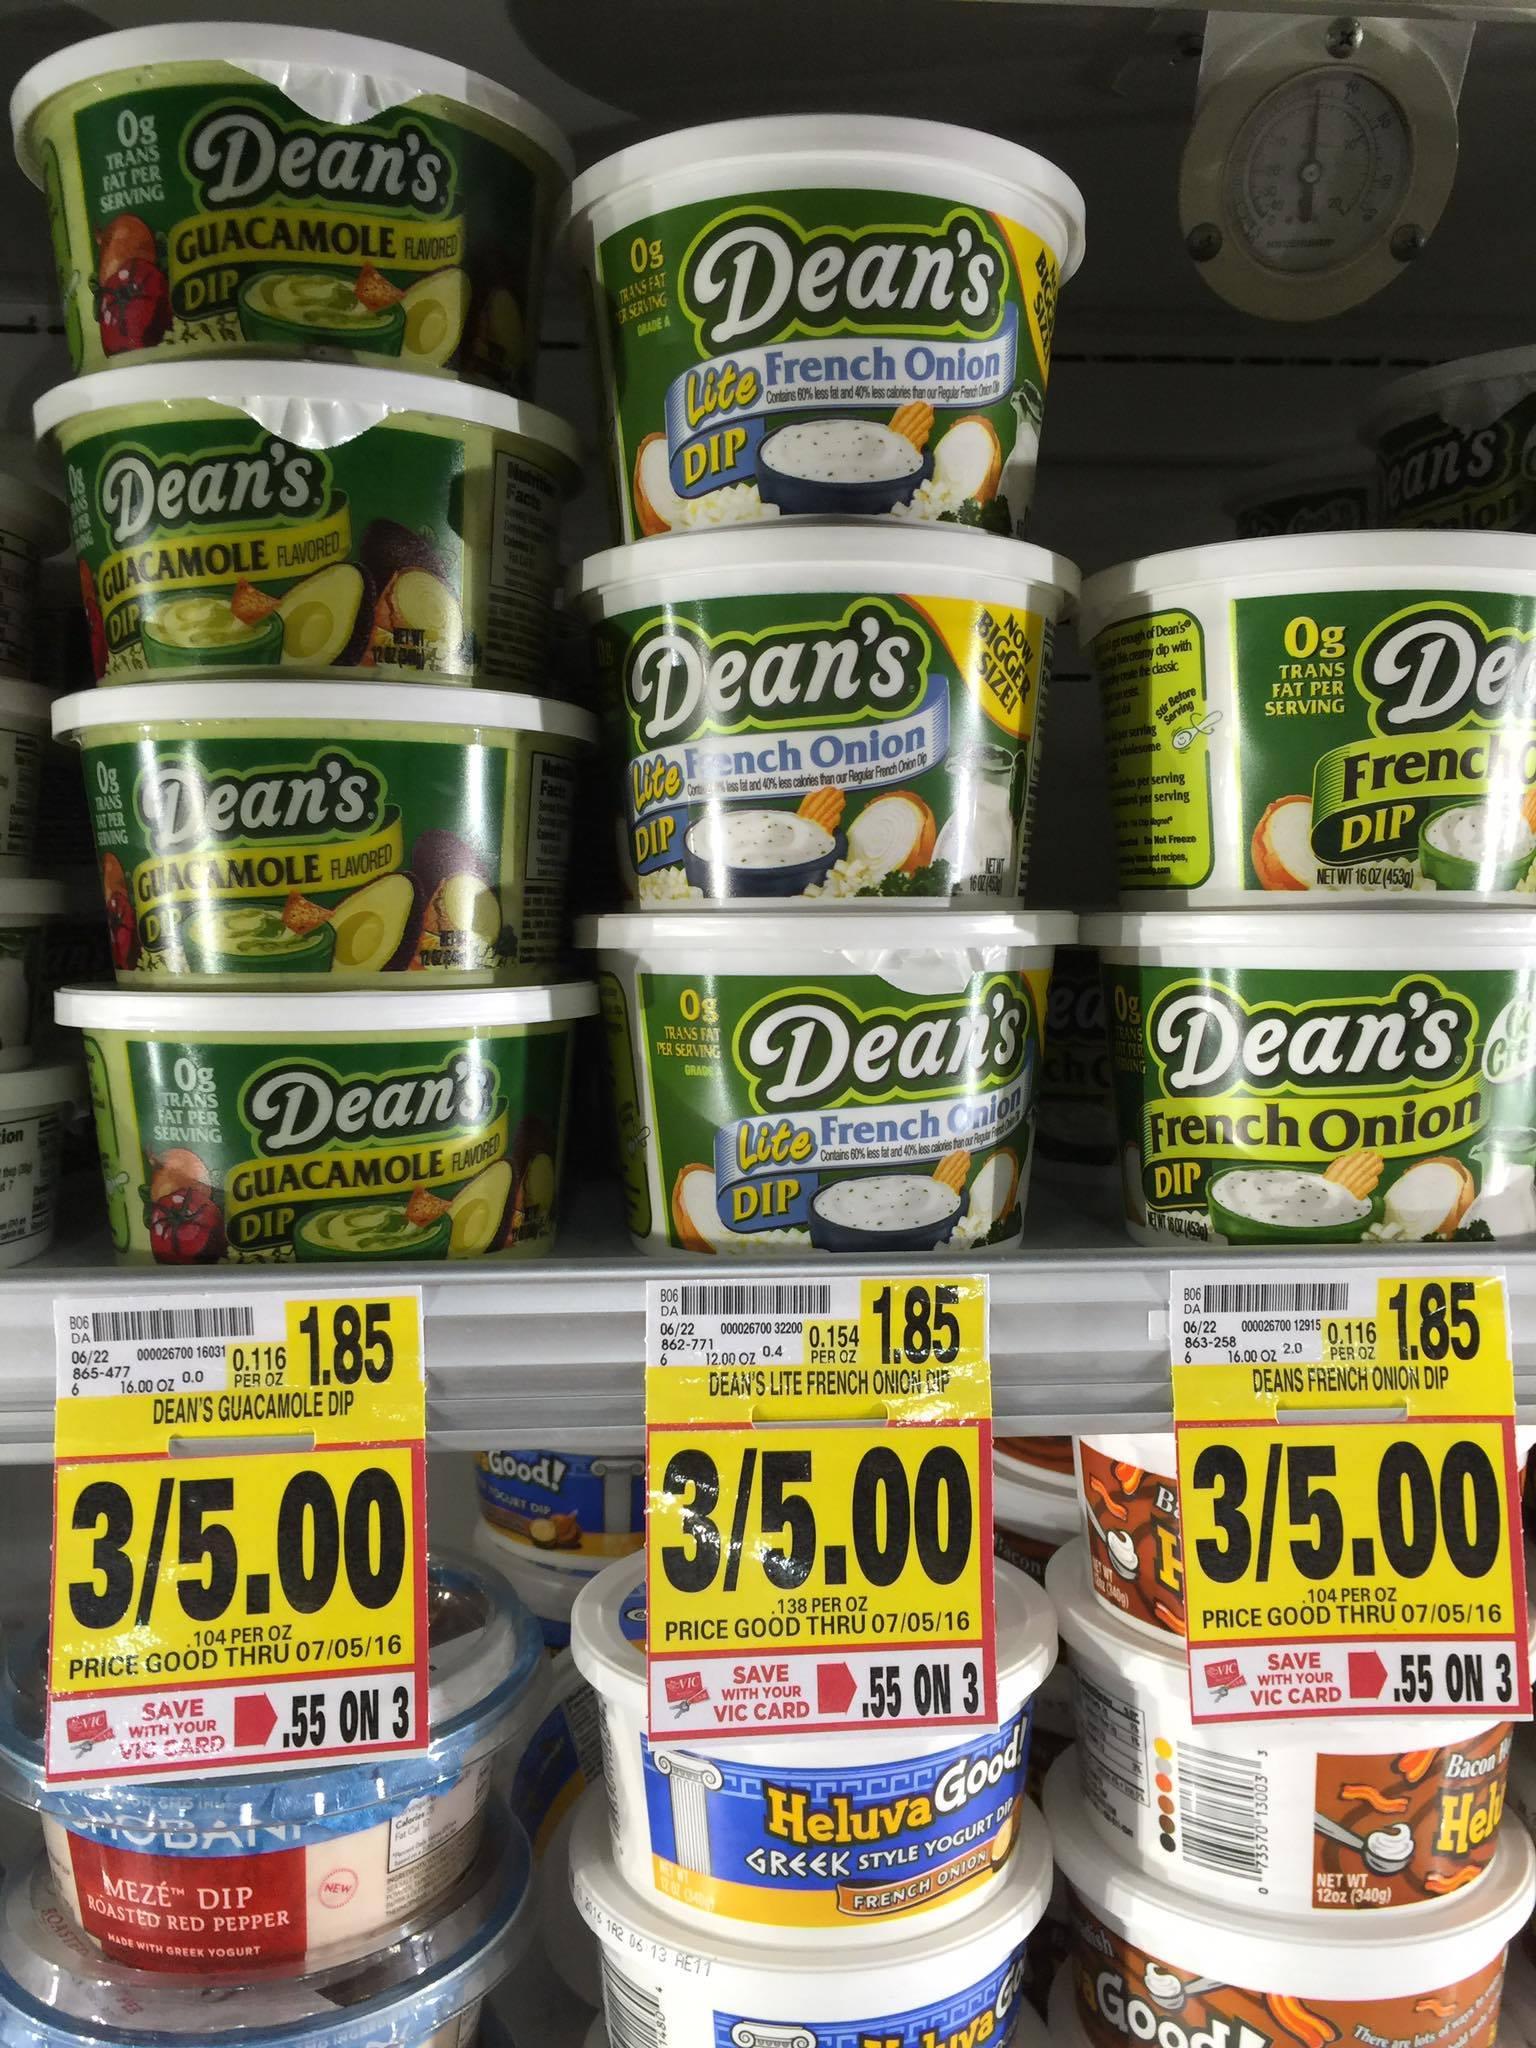 Deans chip dip coupon